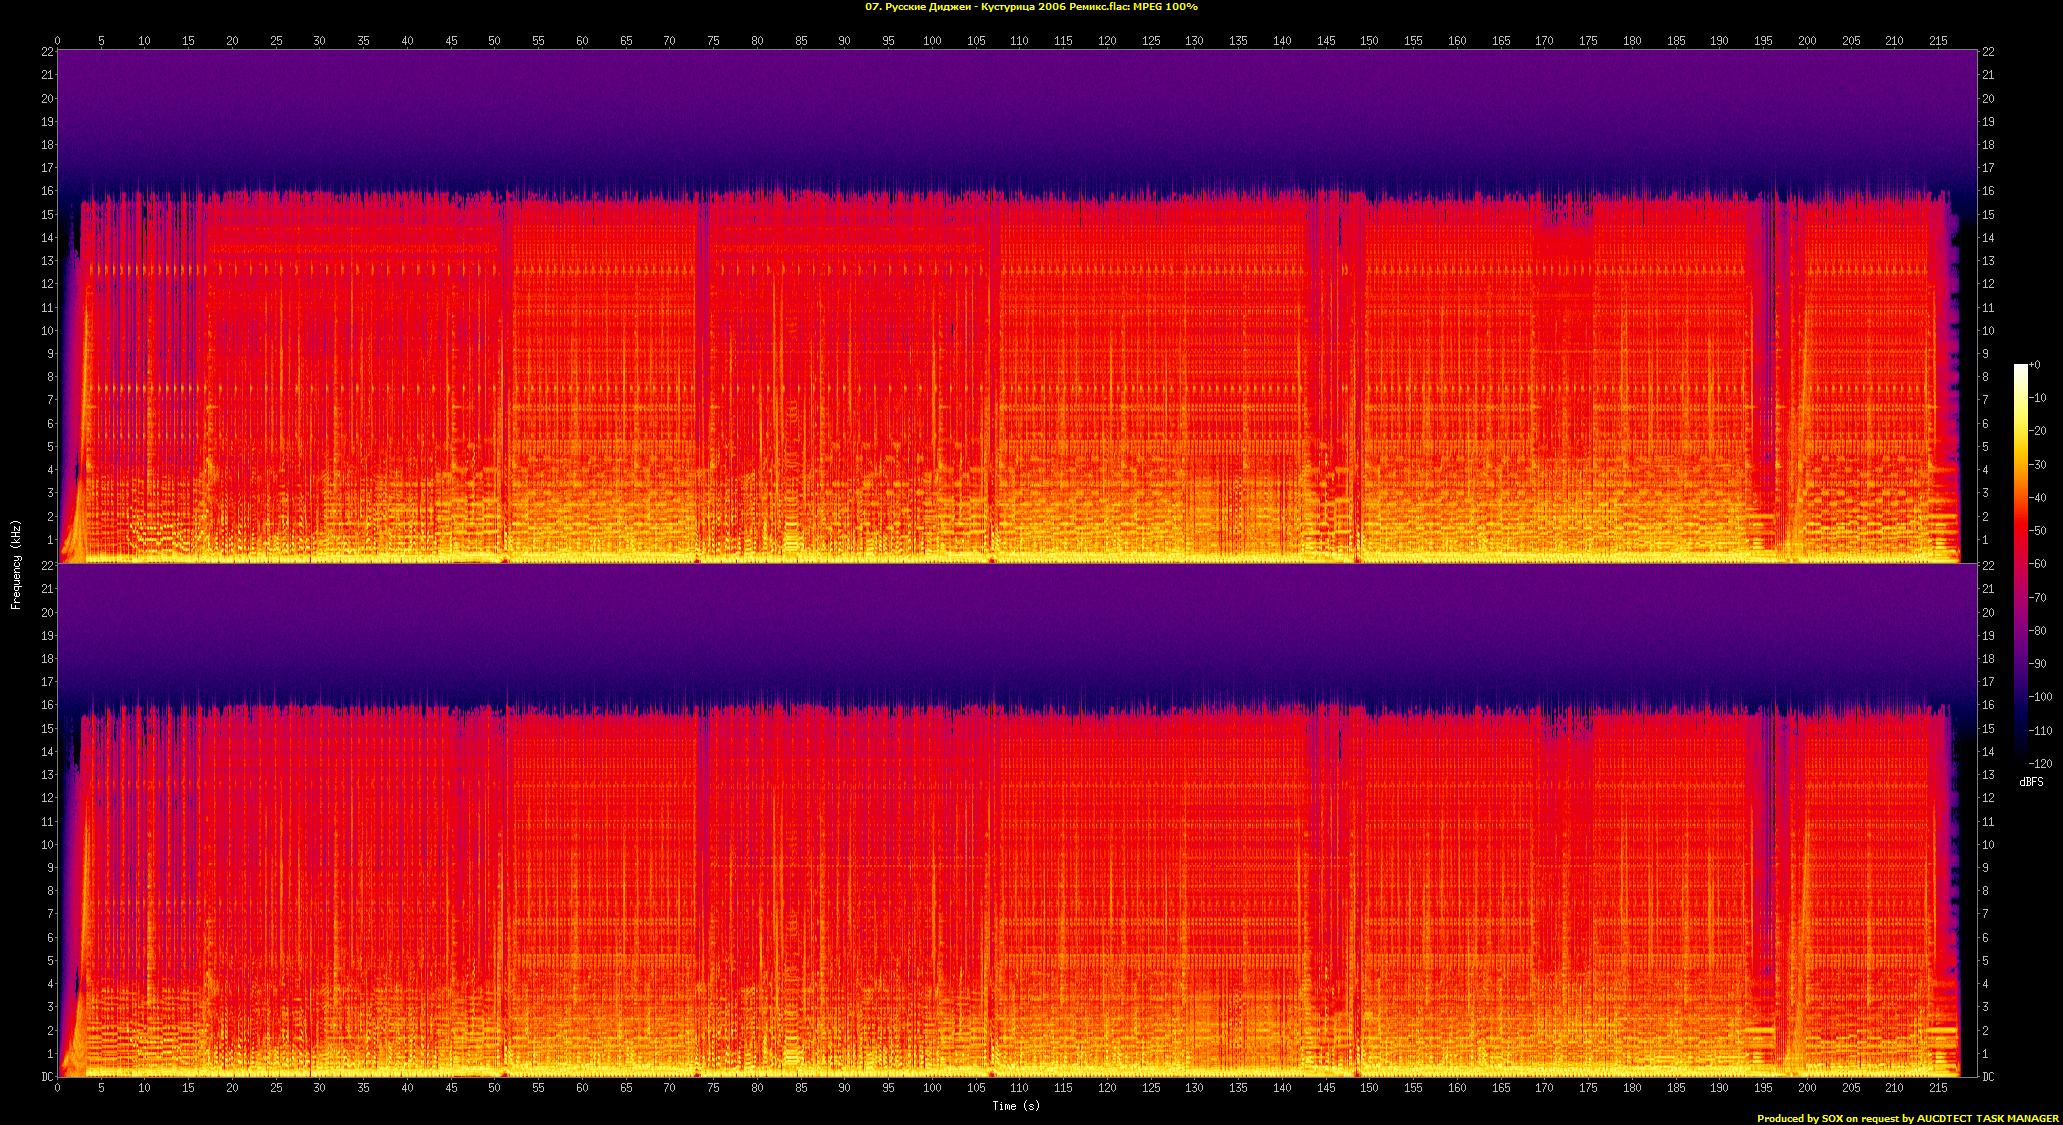 07. Русские Диджеи - Кустурица 2006 Ремикс.flac.Spectrogram.png